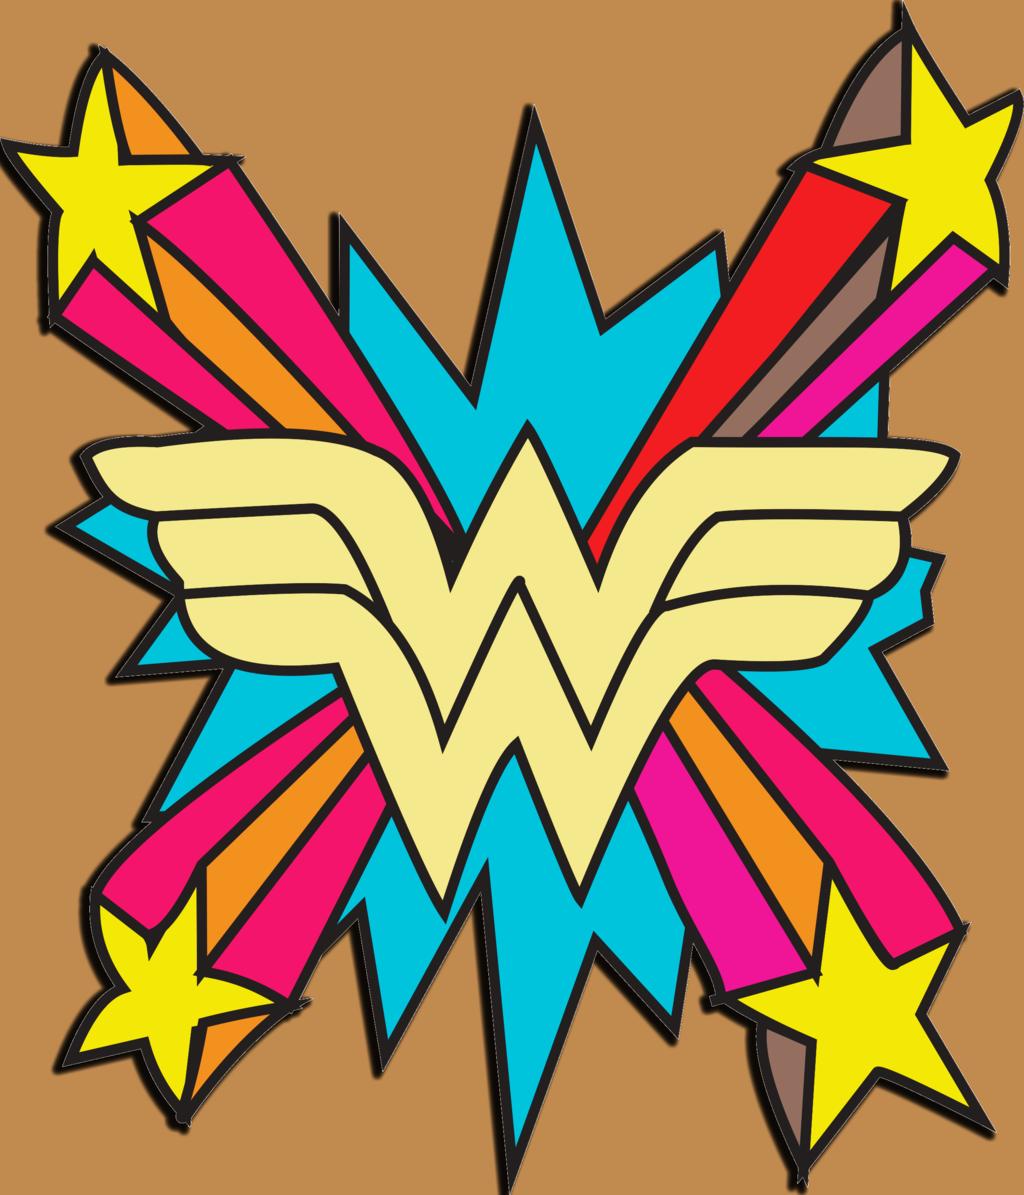 wonder woman logo Logospikecom Famous and Vector Logos 1024x1195